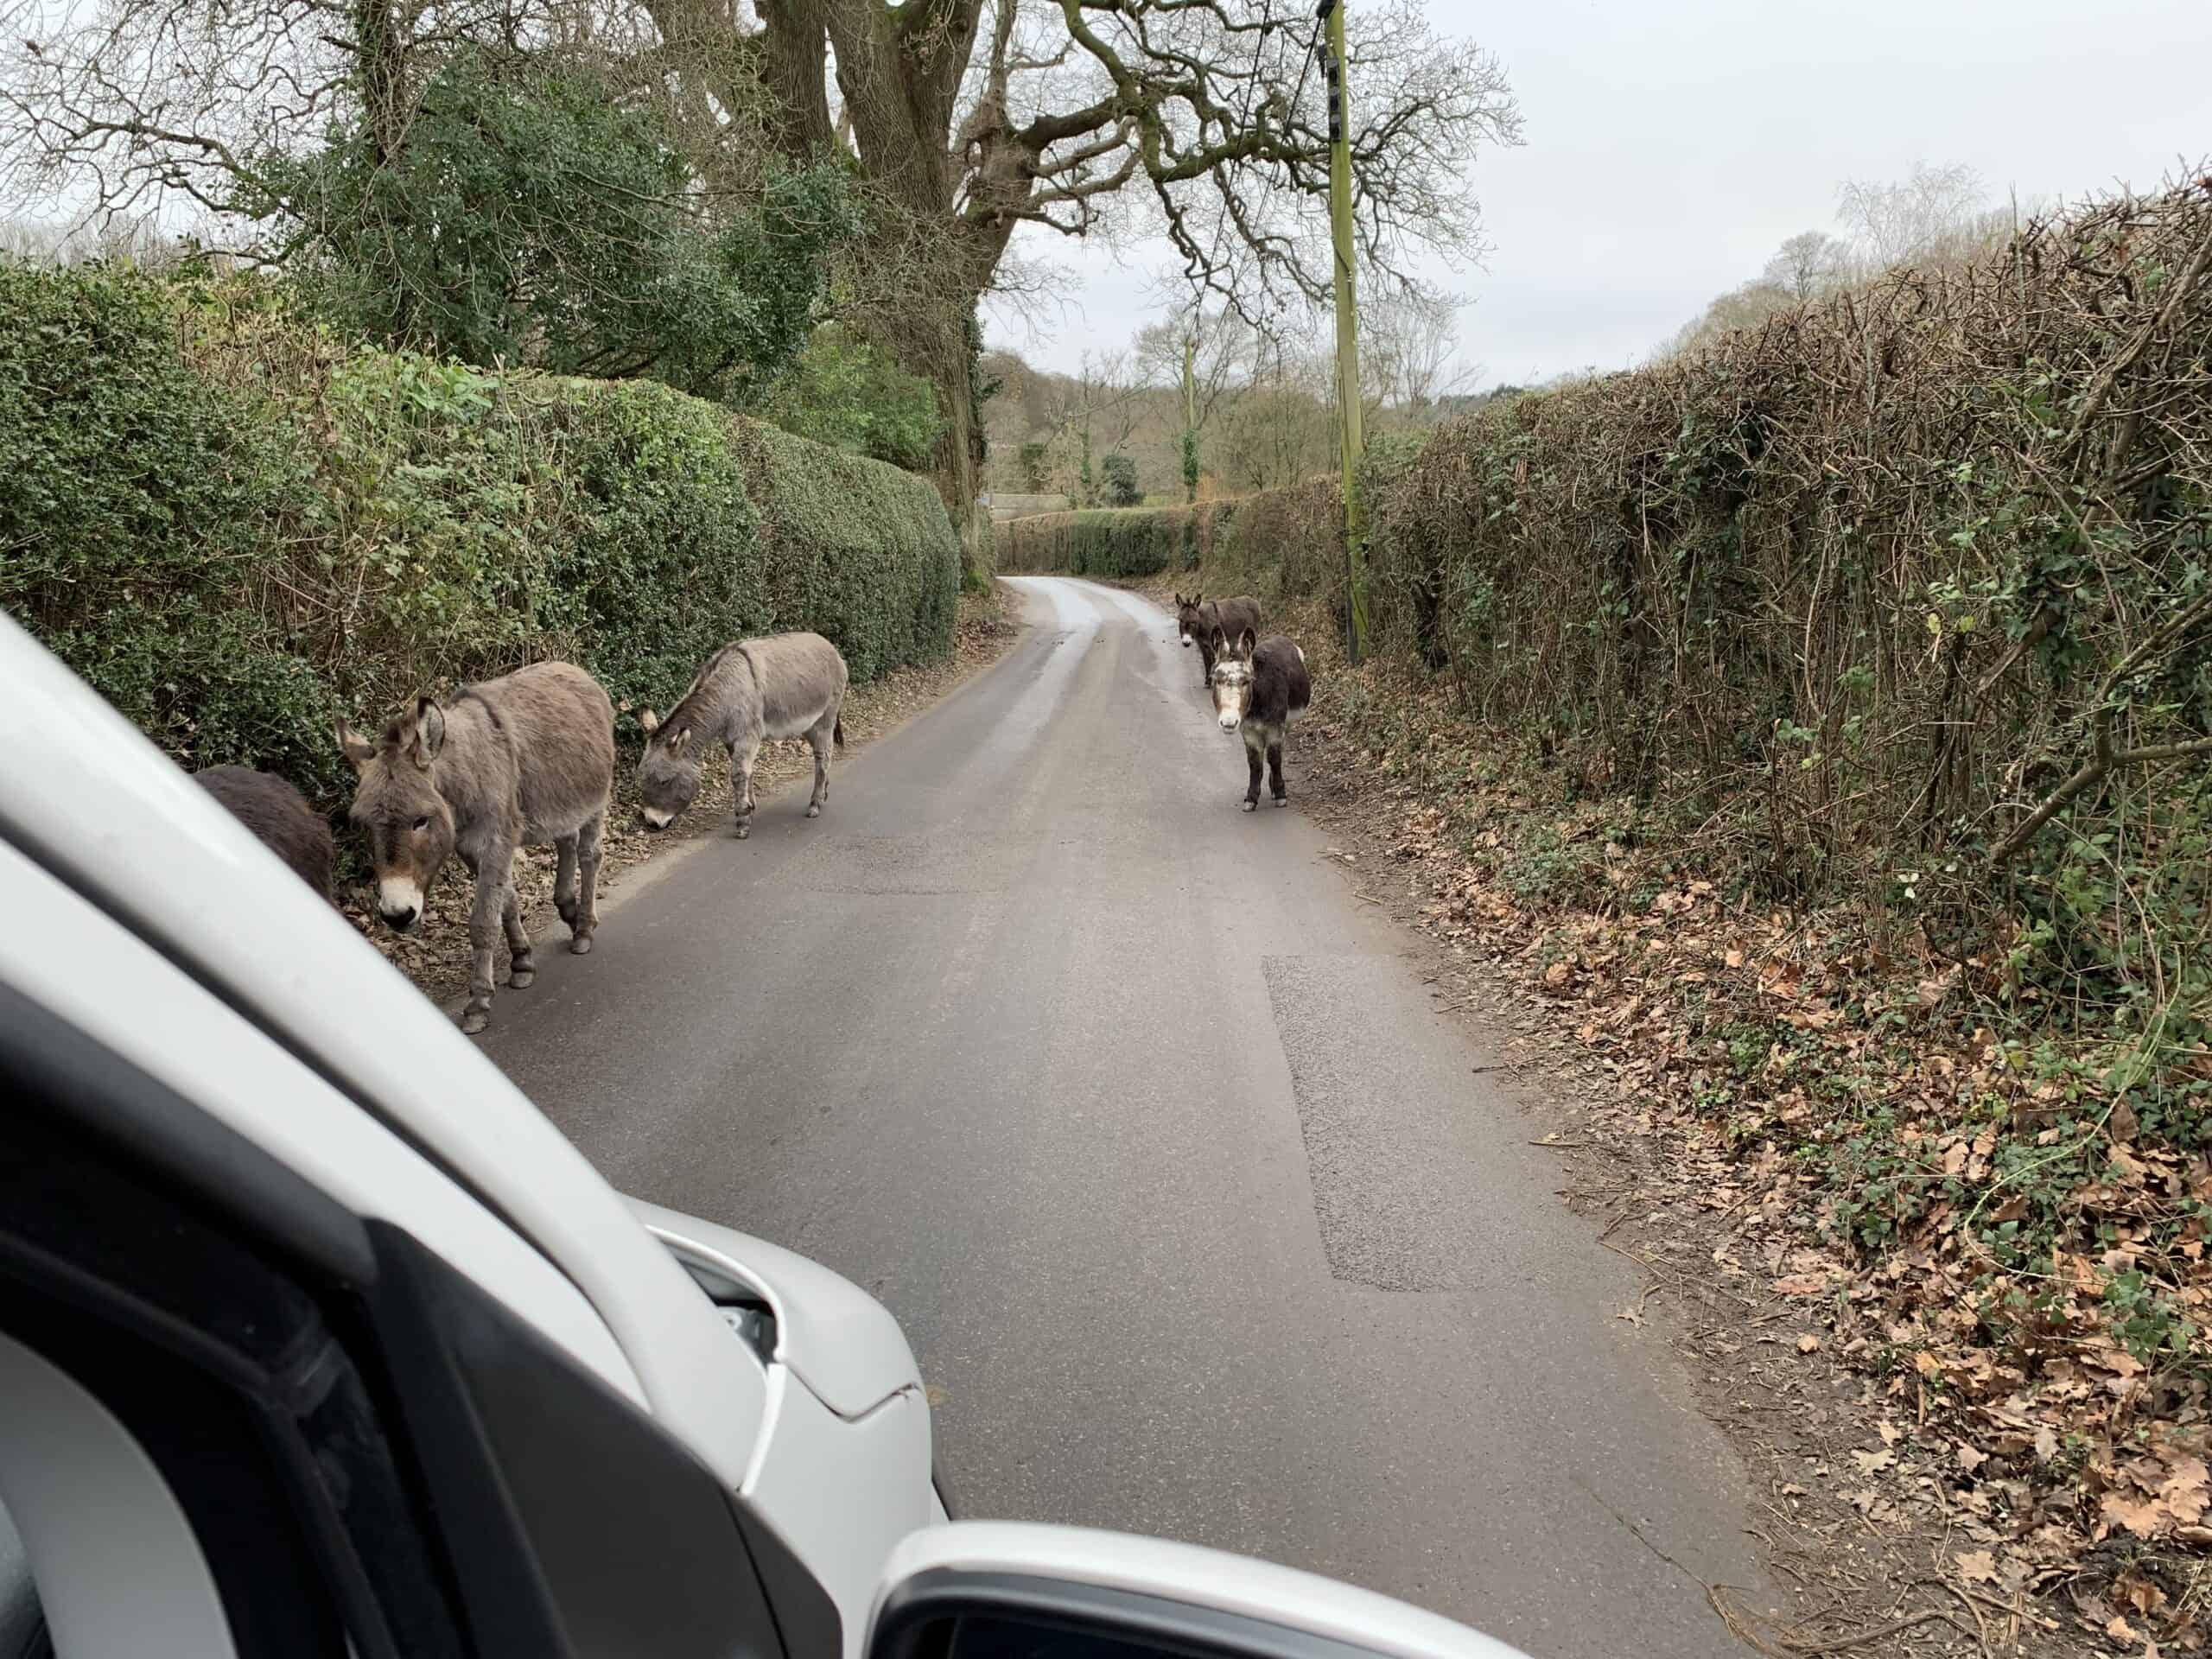 Donkeys in the road in Dorset